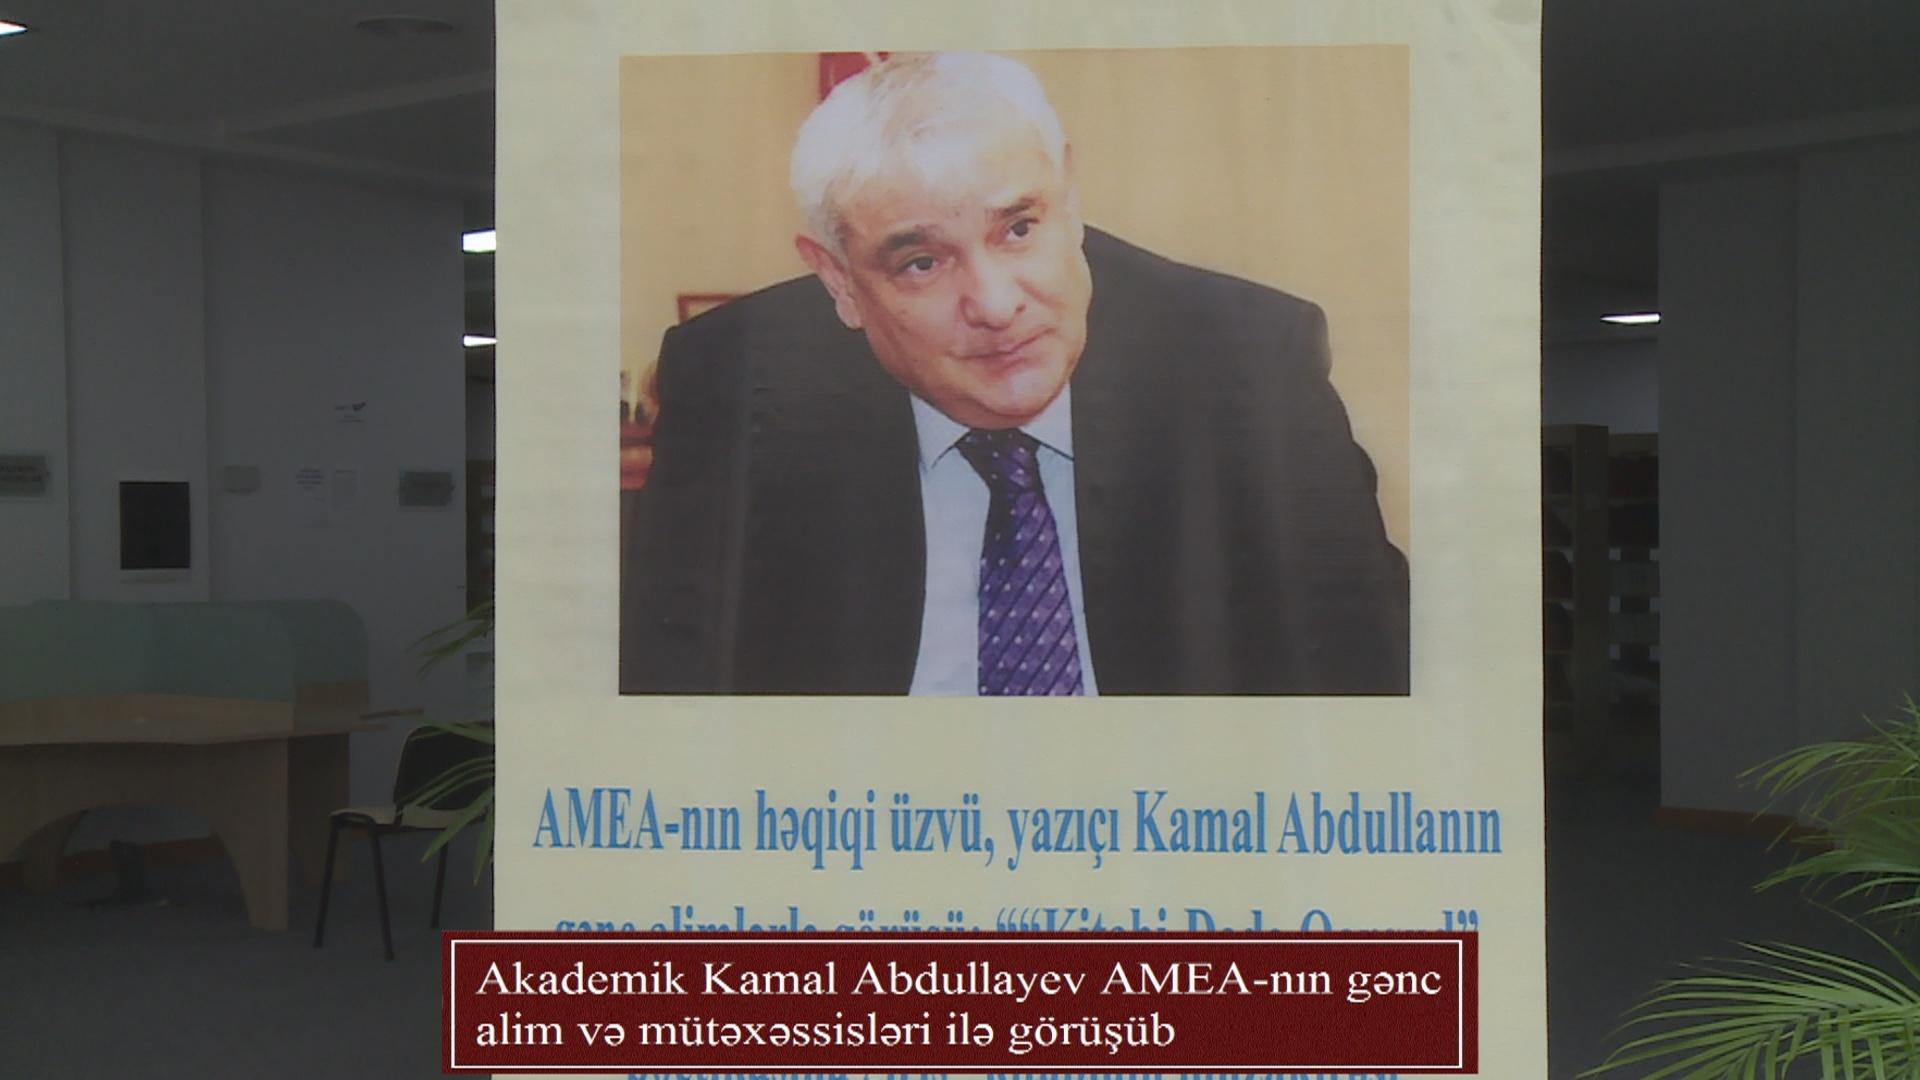 Akademik Kamal Abdullayev AMEA-nın gənc alim və mütəxəssisləri ilə görüşüb